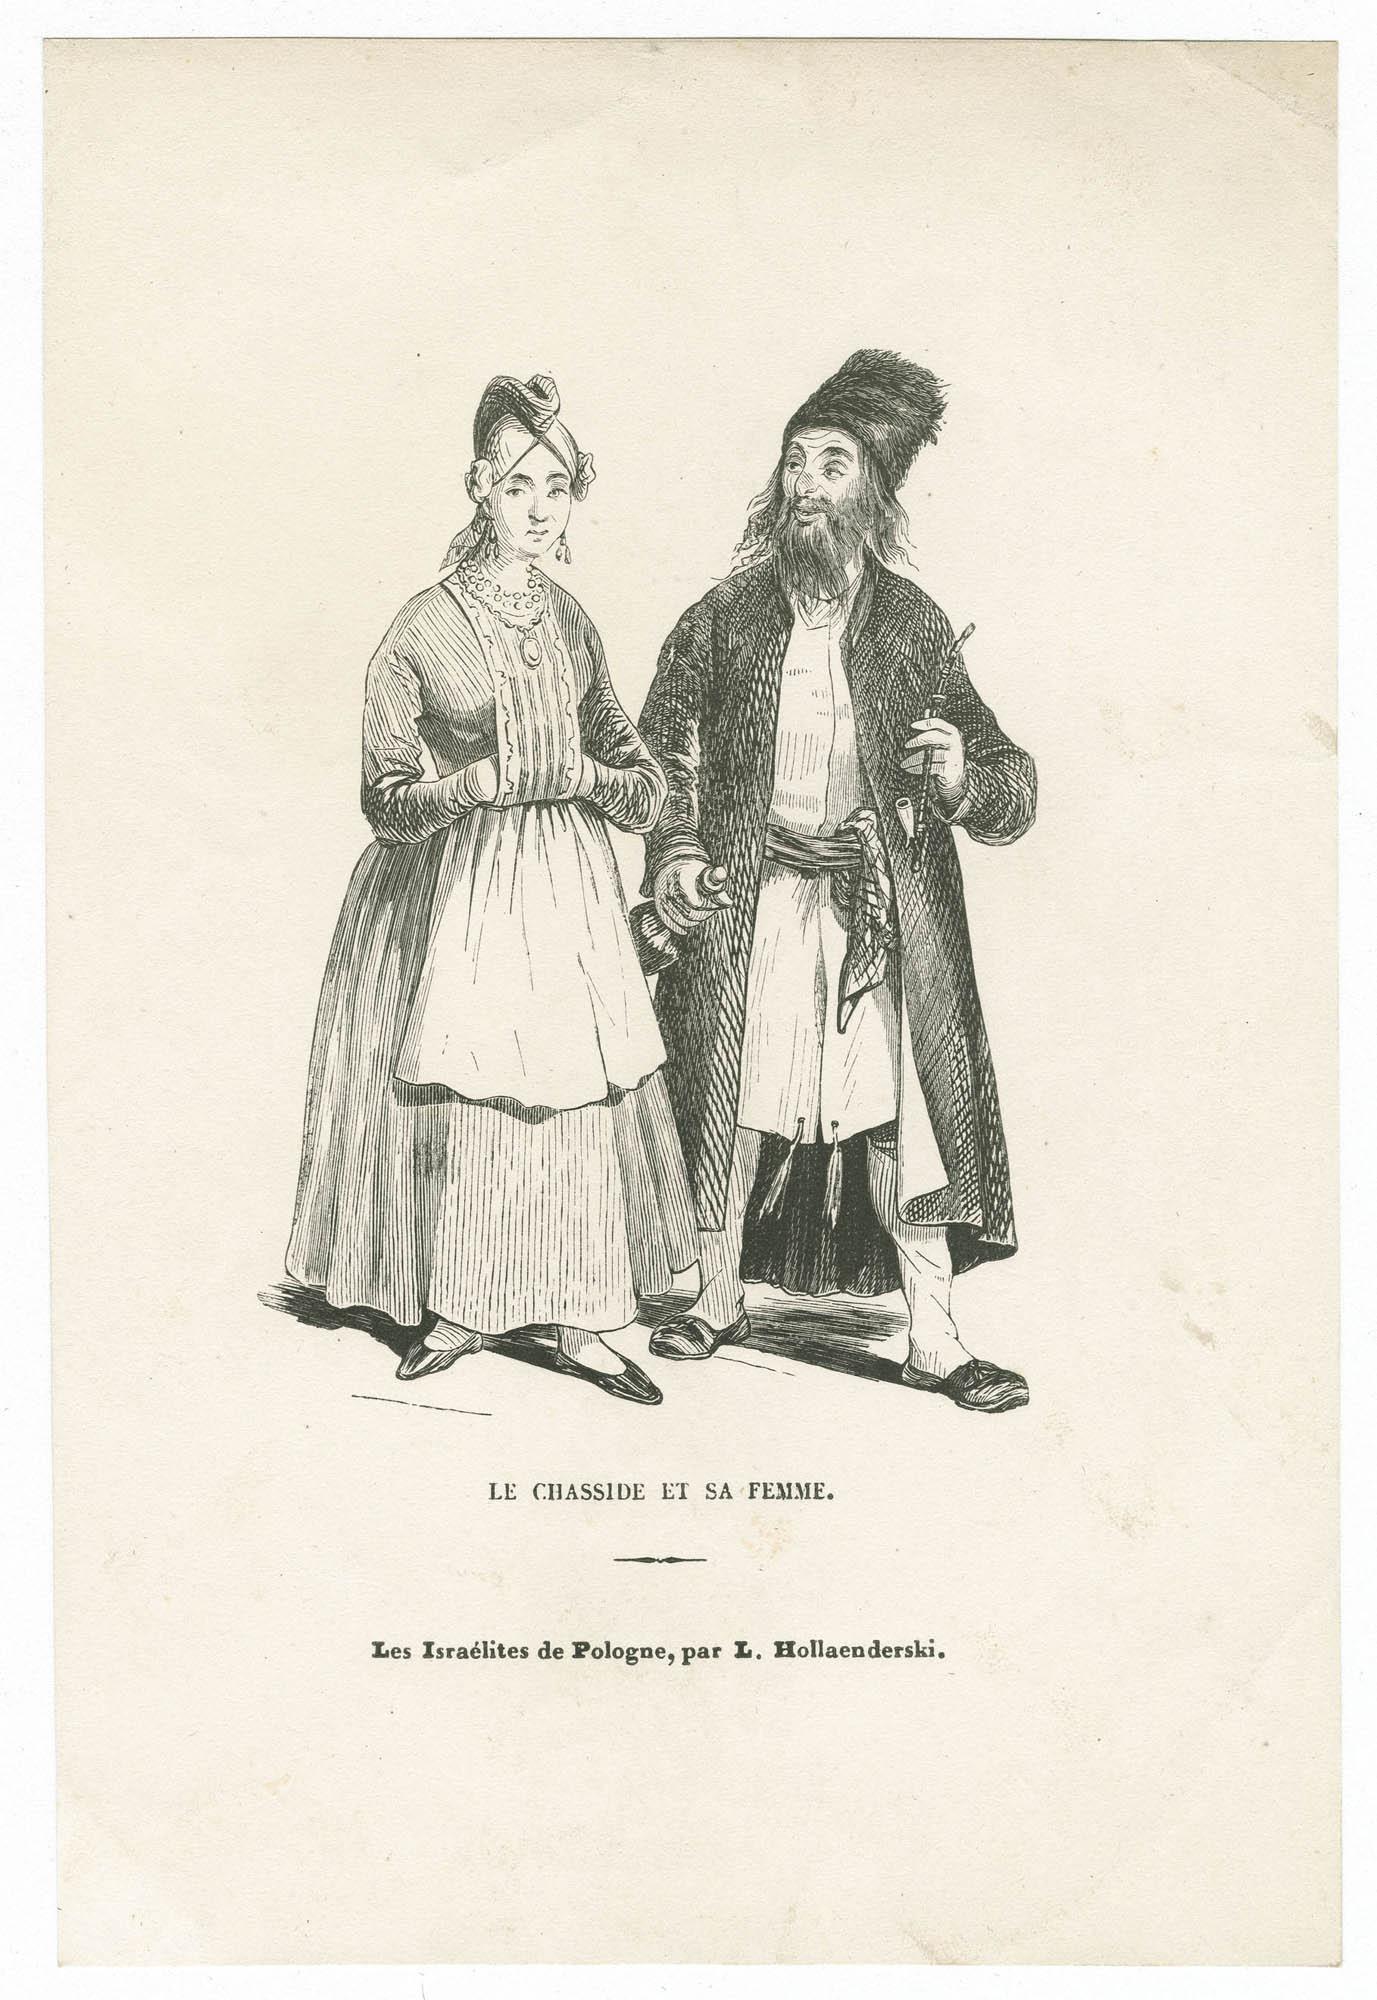 Le Chasside et sa femme